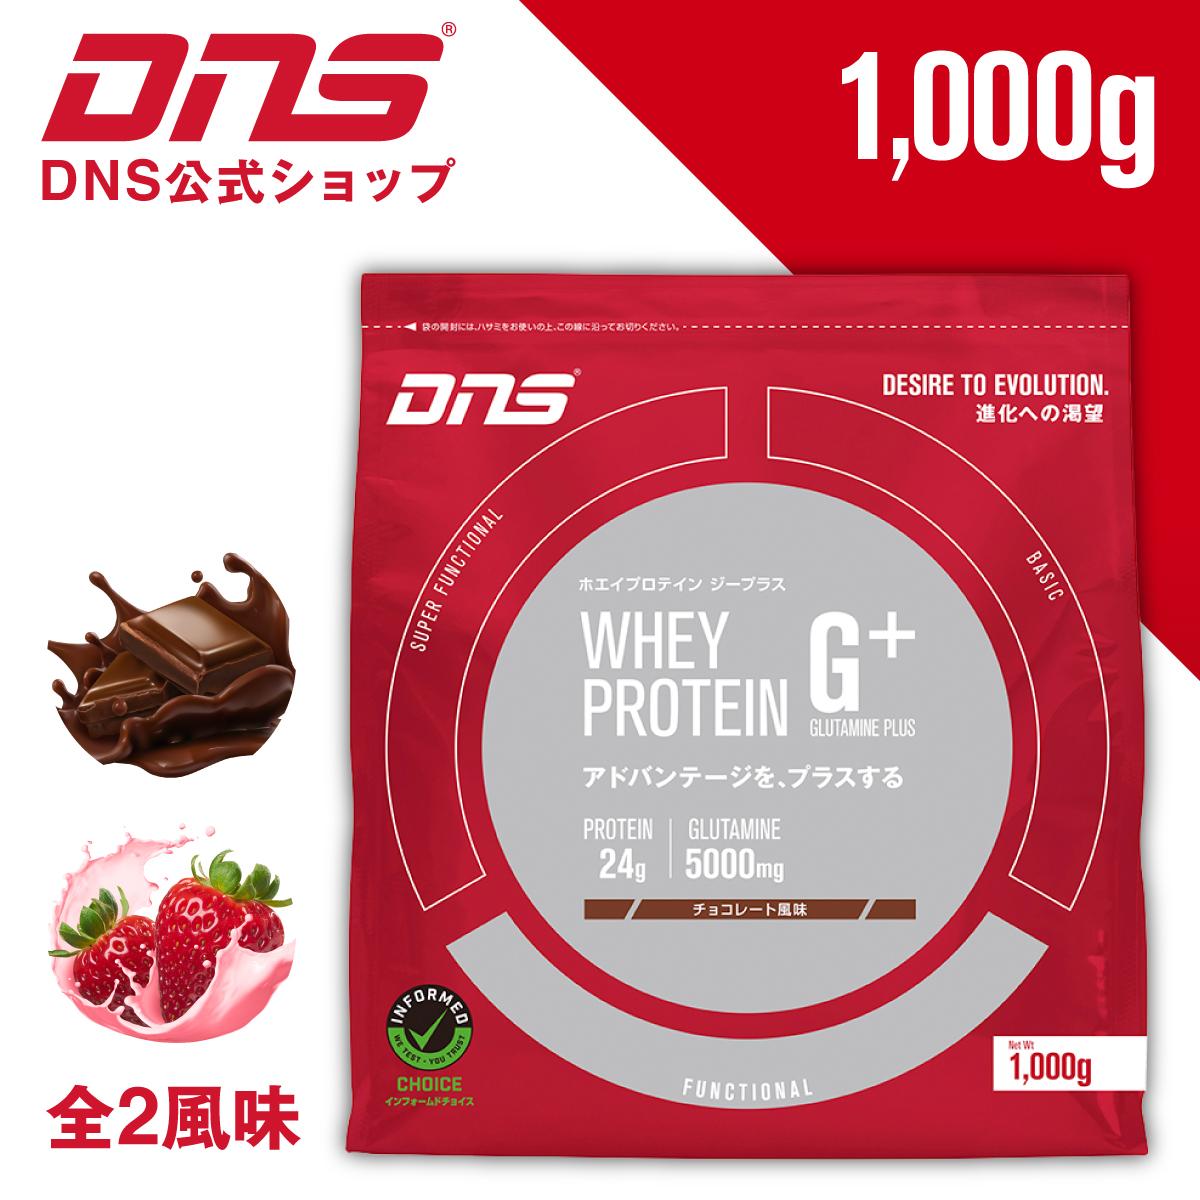 公式 DNS プロテイン ホエイプロテインG+ 1 000g 定番の人気シリーズPOINT(ポイント)入荷 1kg トレーニング ストロベリー グルタミン ディーエヌエス チョコレート ダイエット 商店 サプリメント